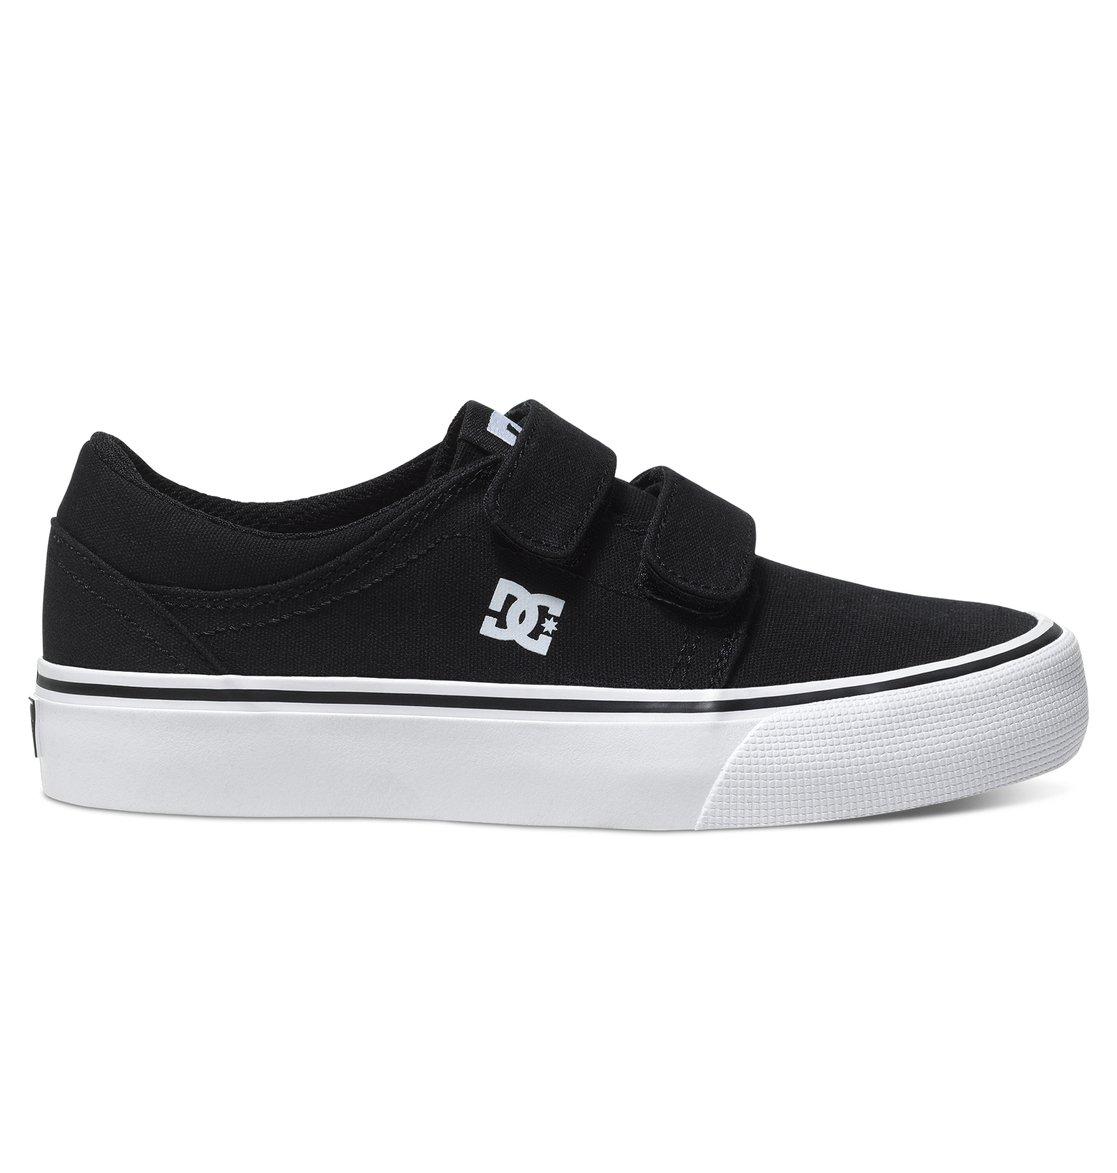 00c9dd7547 0 Trase V - Schuhe für Jungen Schwarz ADBS300253 DC Shoes